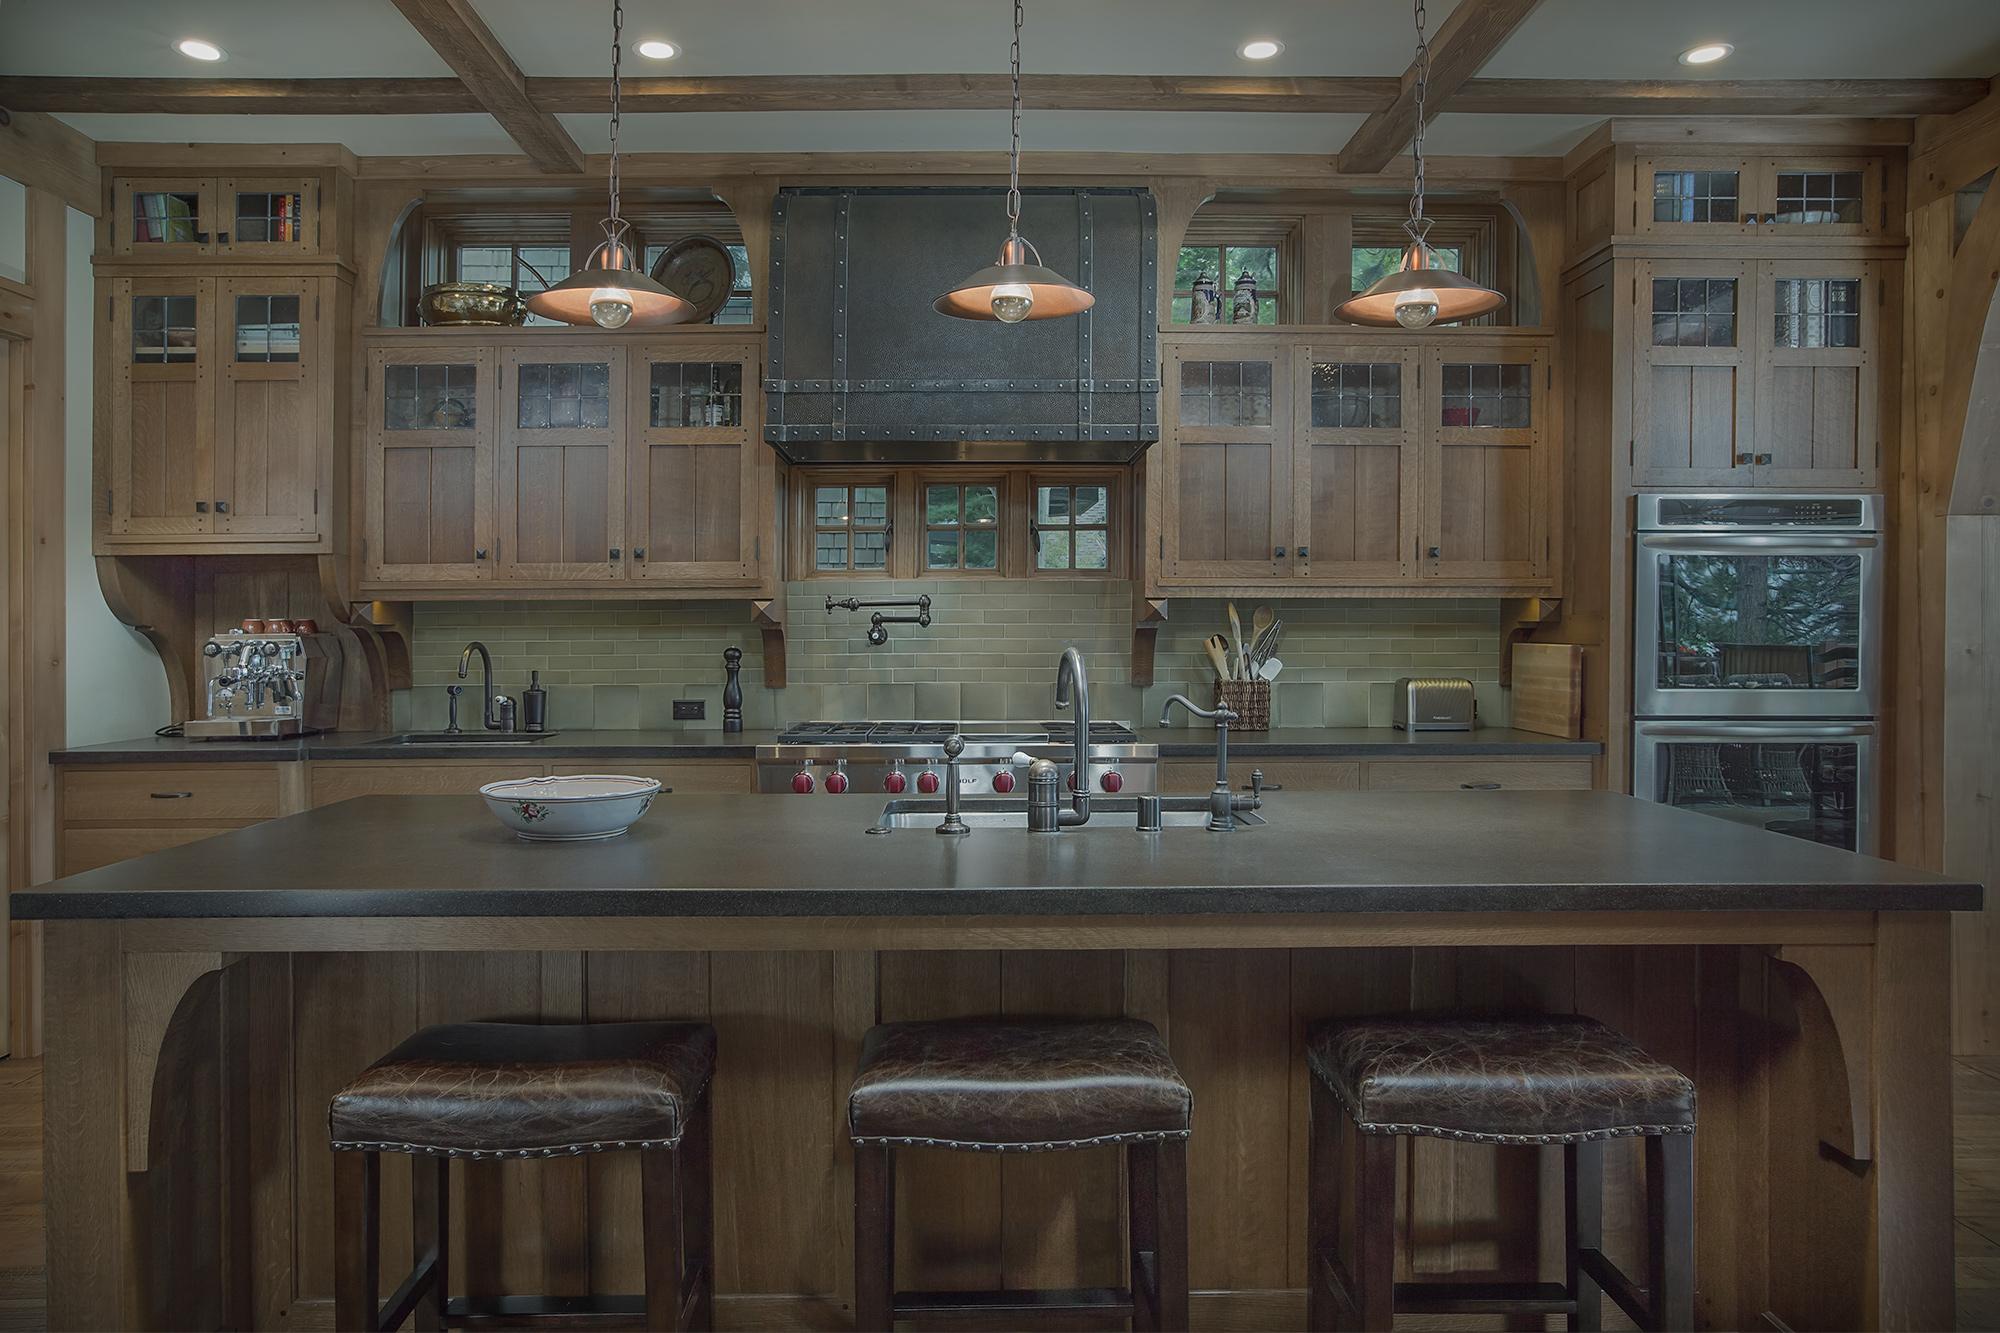 schwab-residence-tahoe-kitchen.jpg